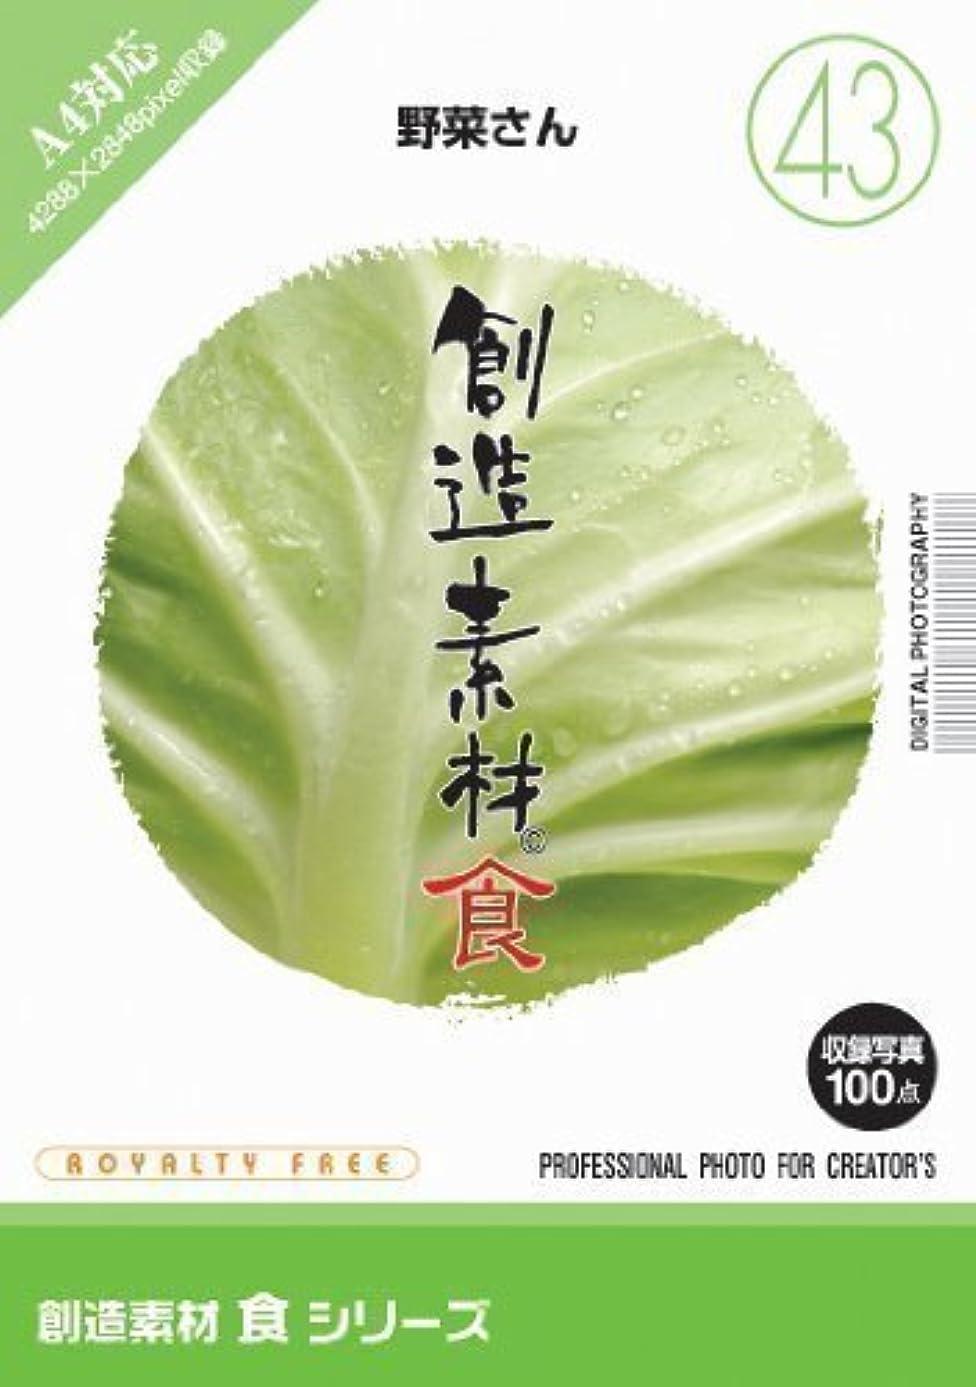 イブニングメーカープロフェッショナル創造素材 食(43)野菜さん